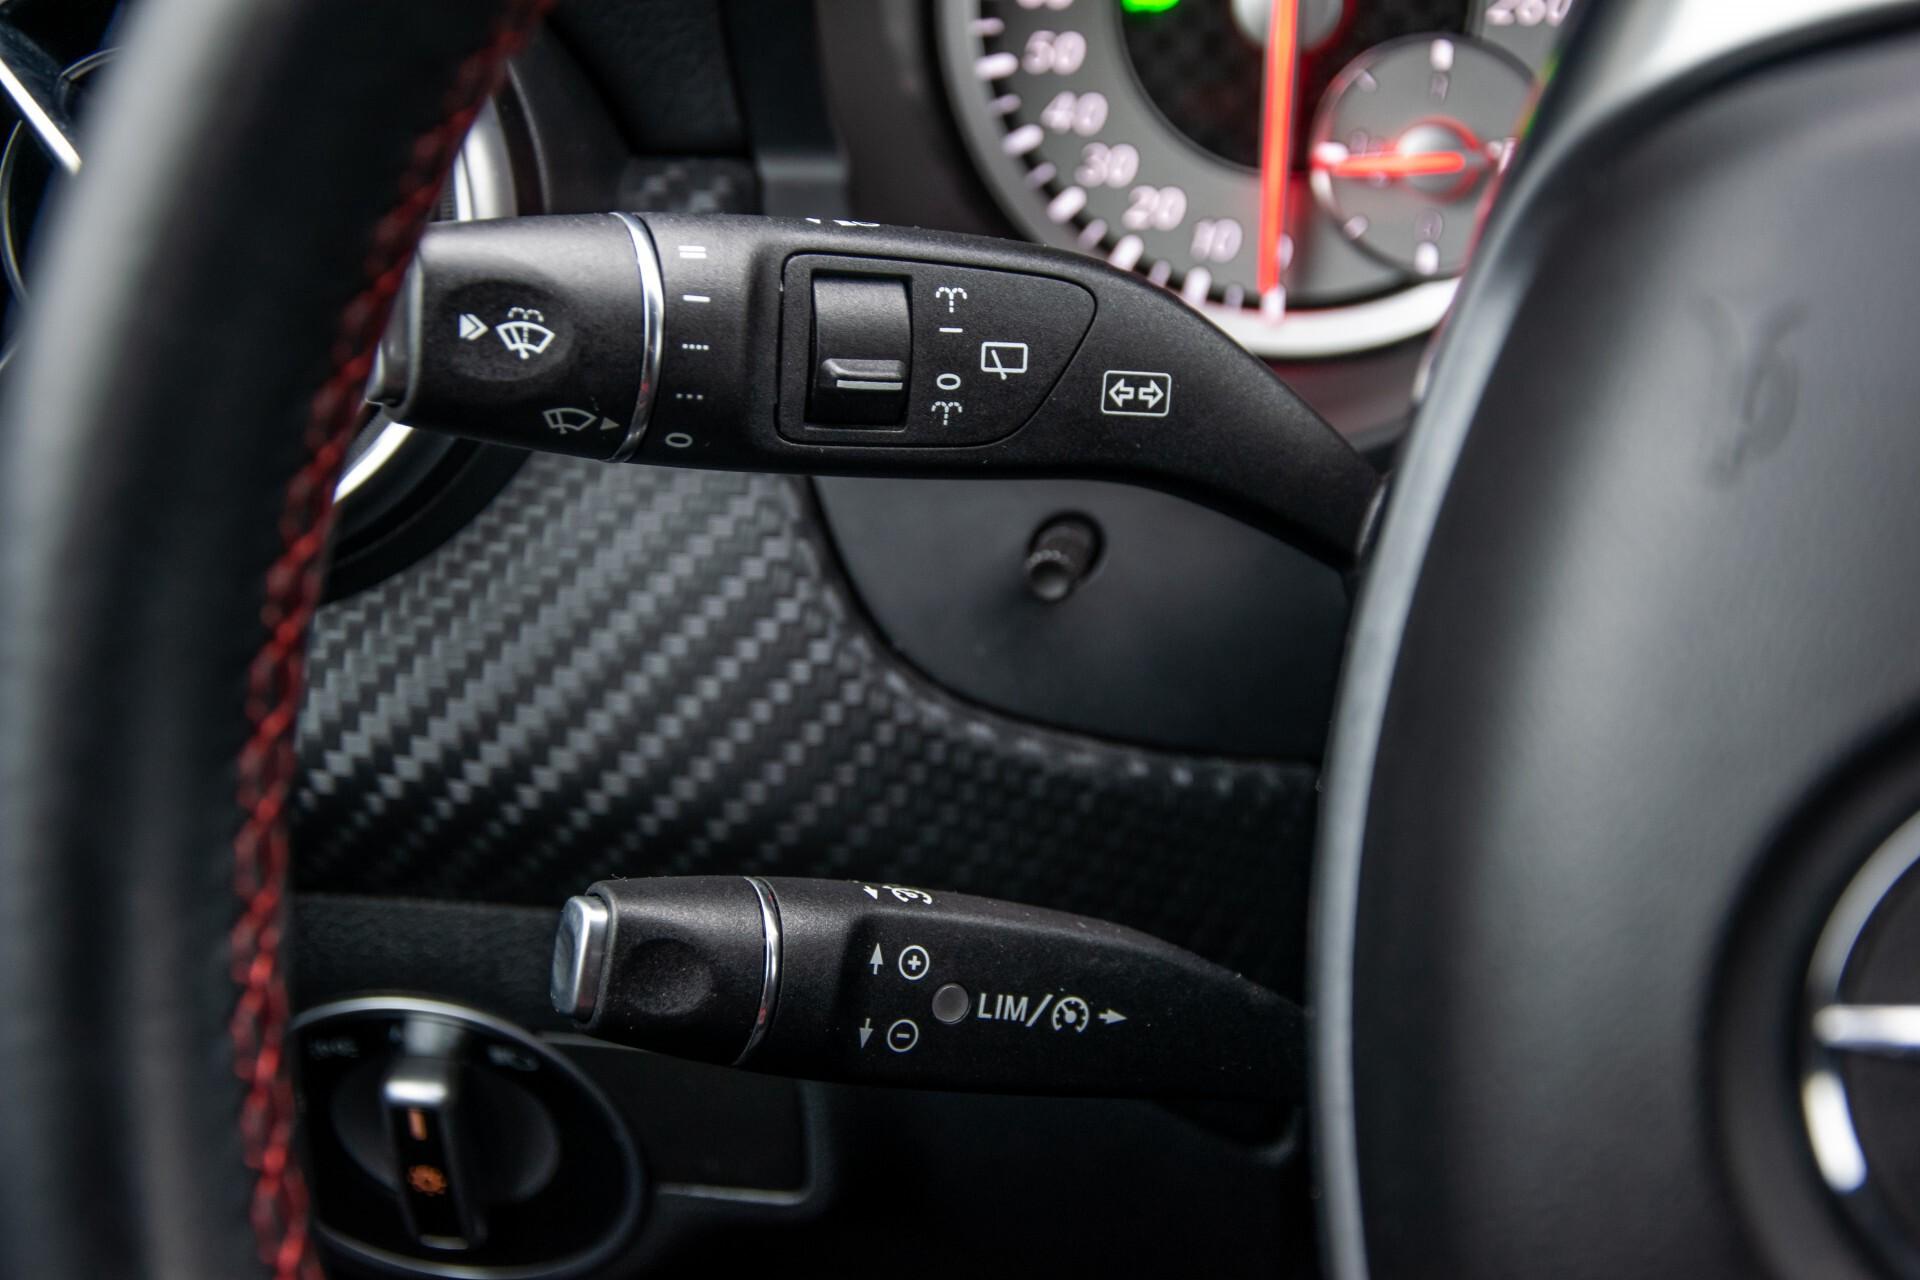 Mercedes-Benz A-Klasse 180 AMG Dynamic Handling/Camera/Xenon/Navi/Privacy Aut7 Foto 10